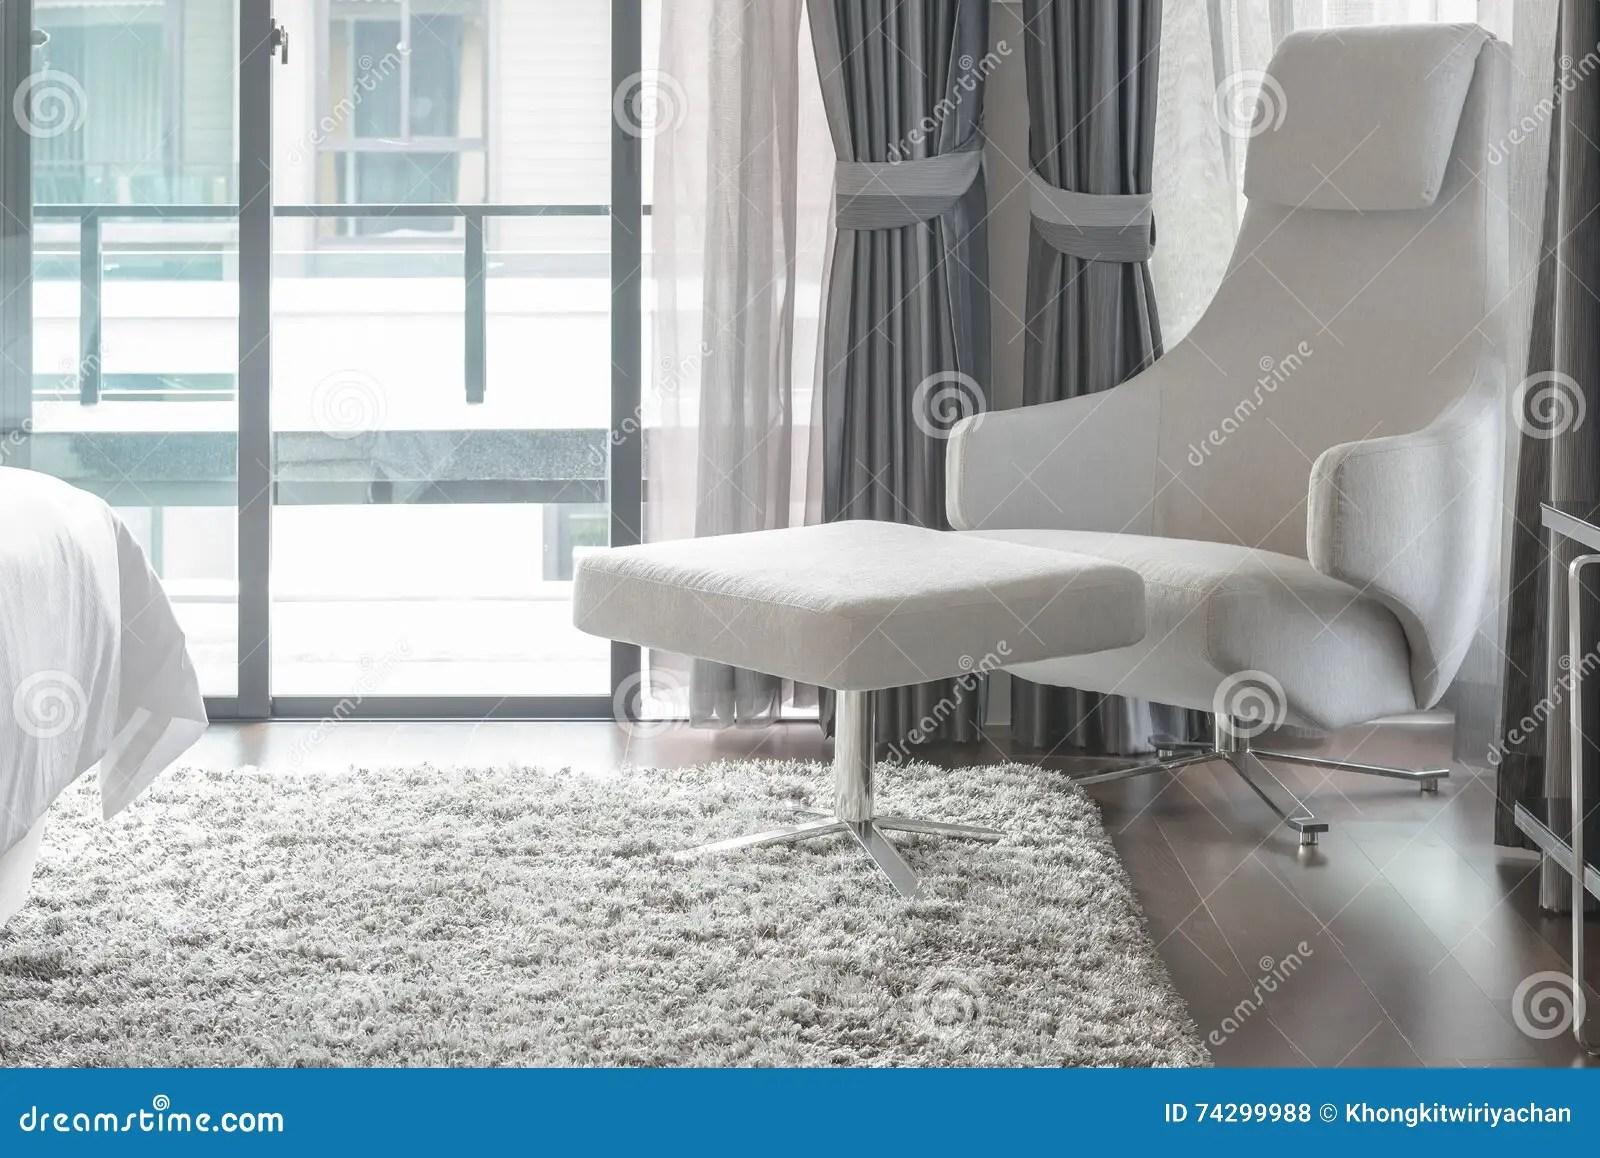 Tappeti Per Camere Da Letto Classiche : Camera da letto moderna bianca bianche camere da letto moderne con